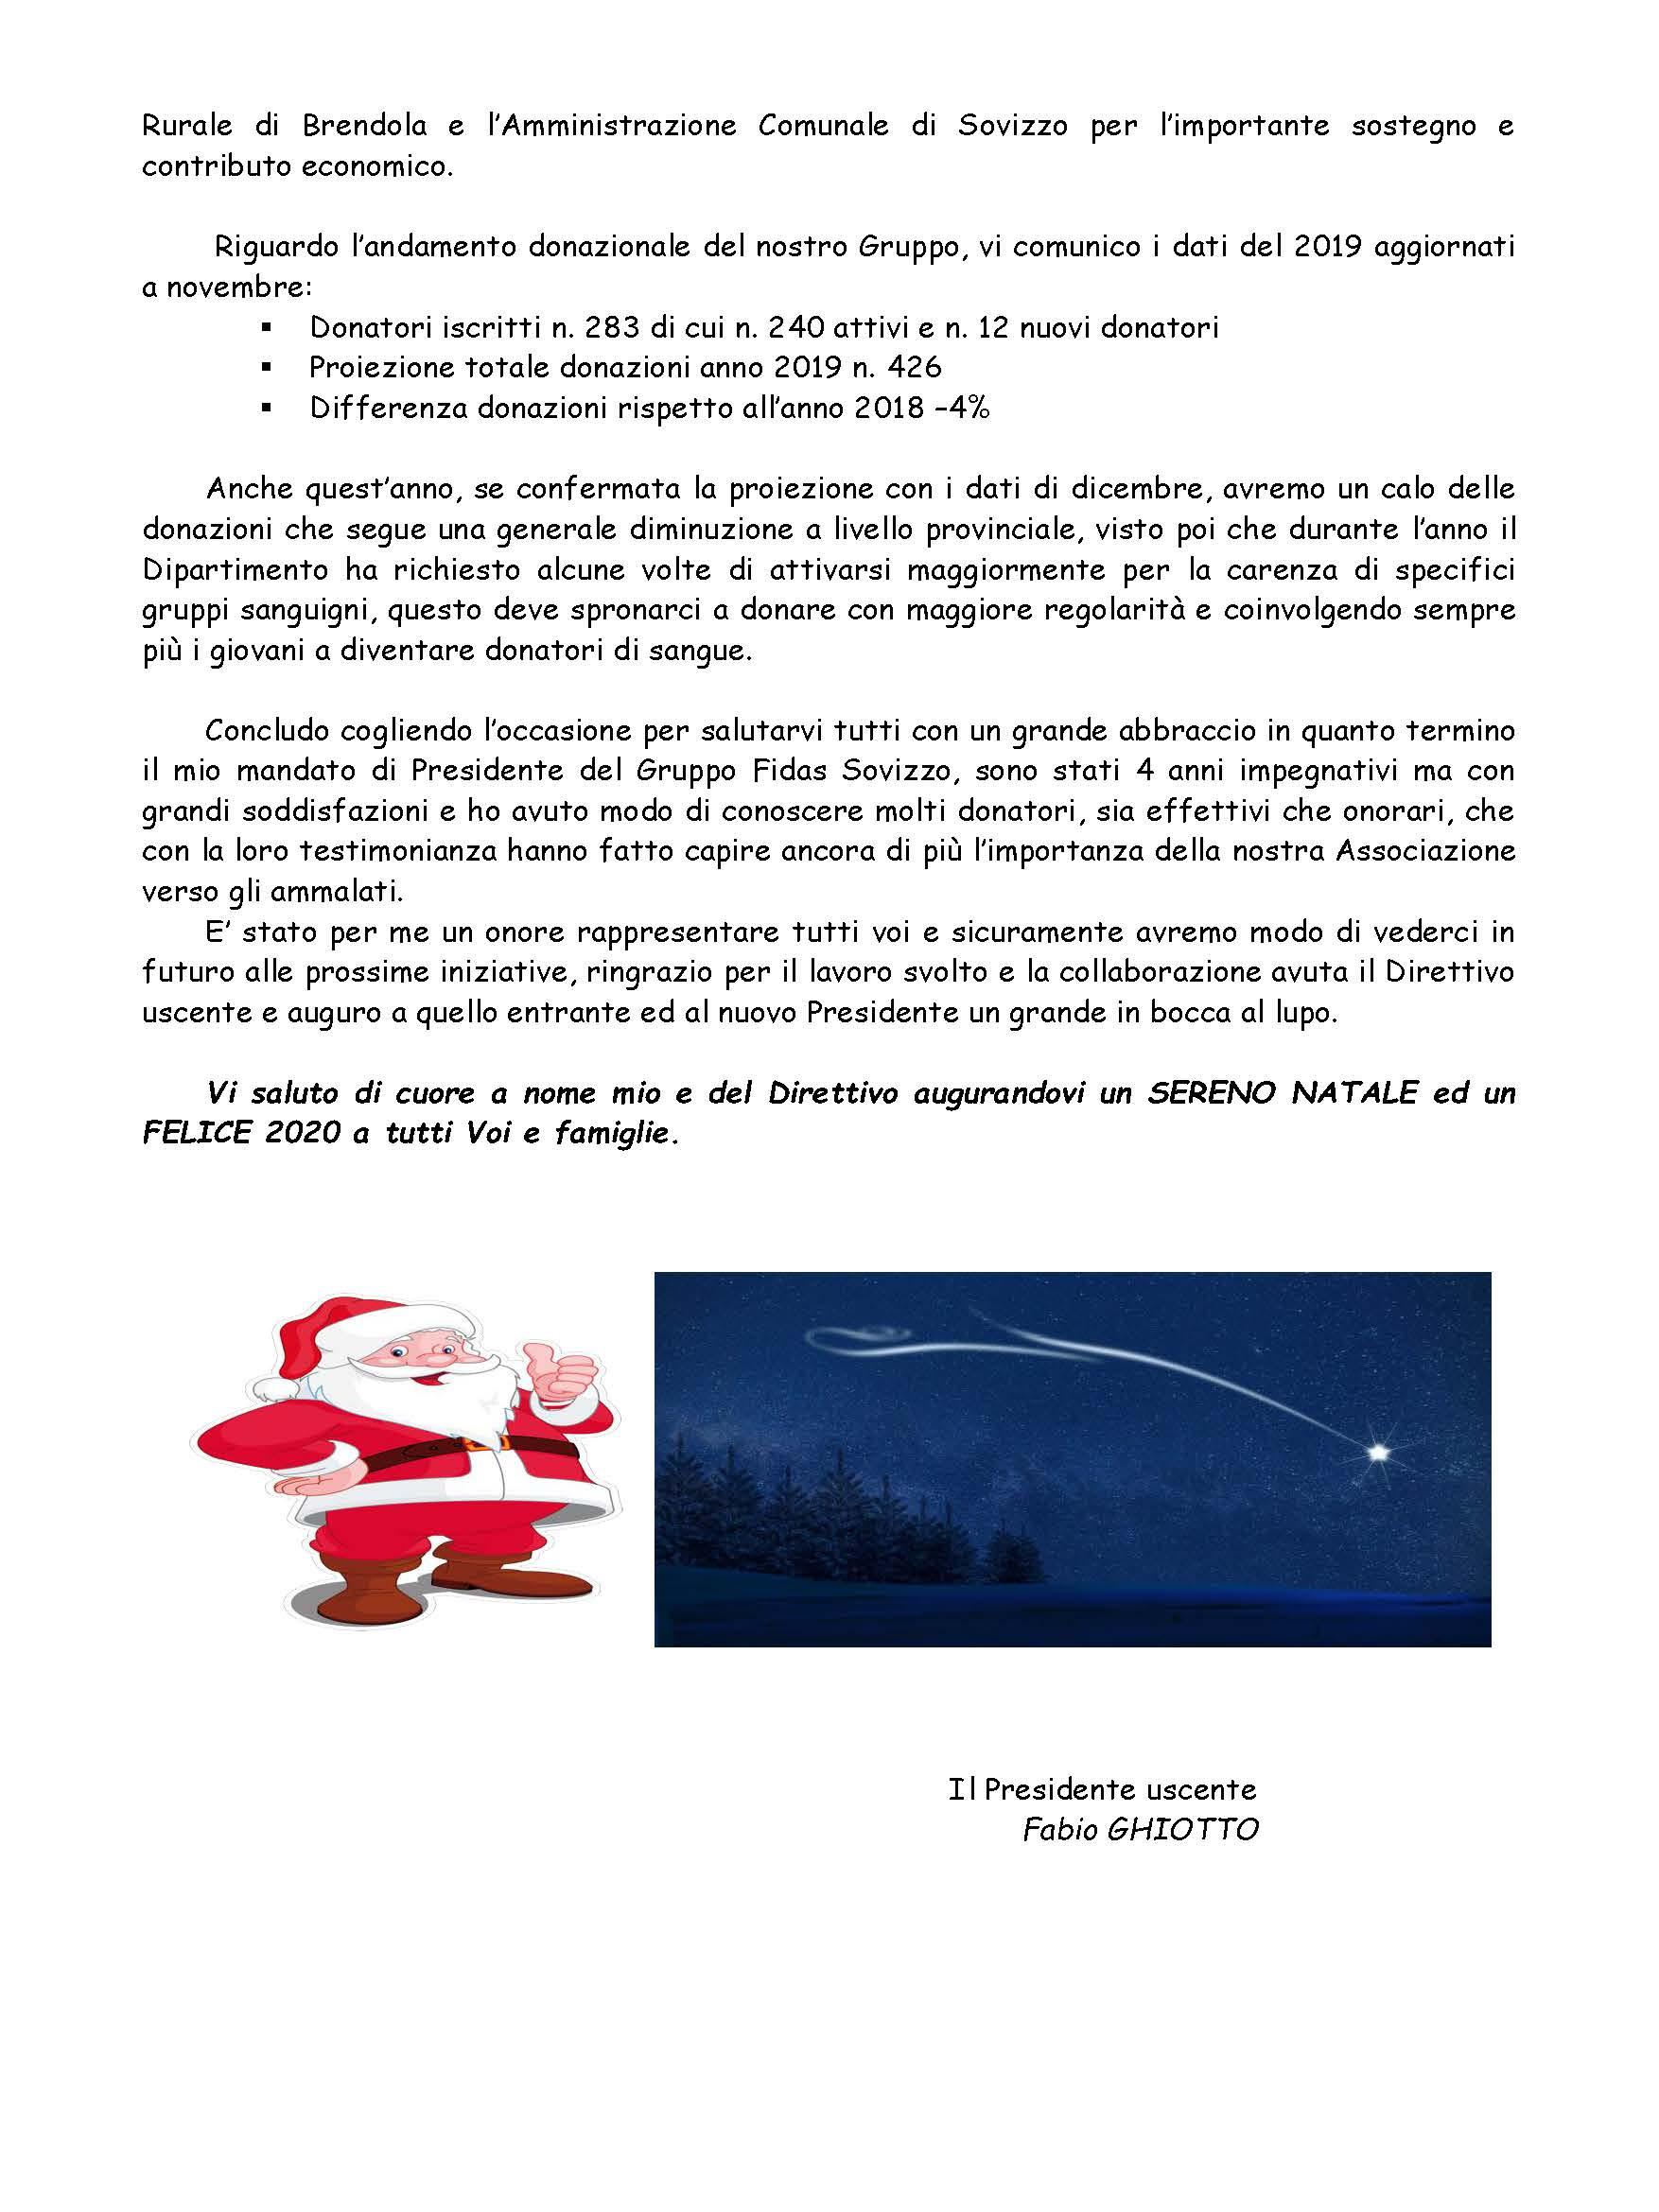 Circolare Fidas Sovizzo  03 -2019_Pagina_2